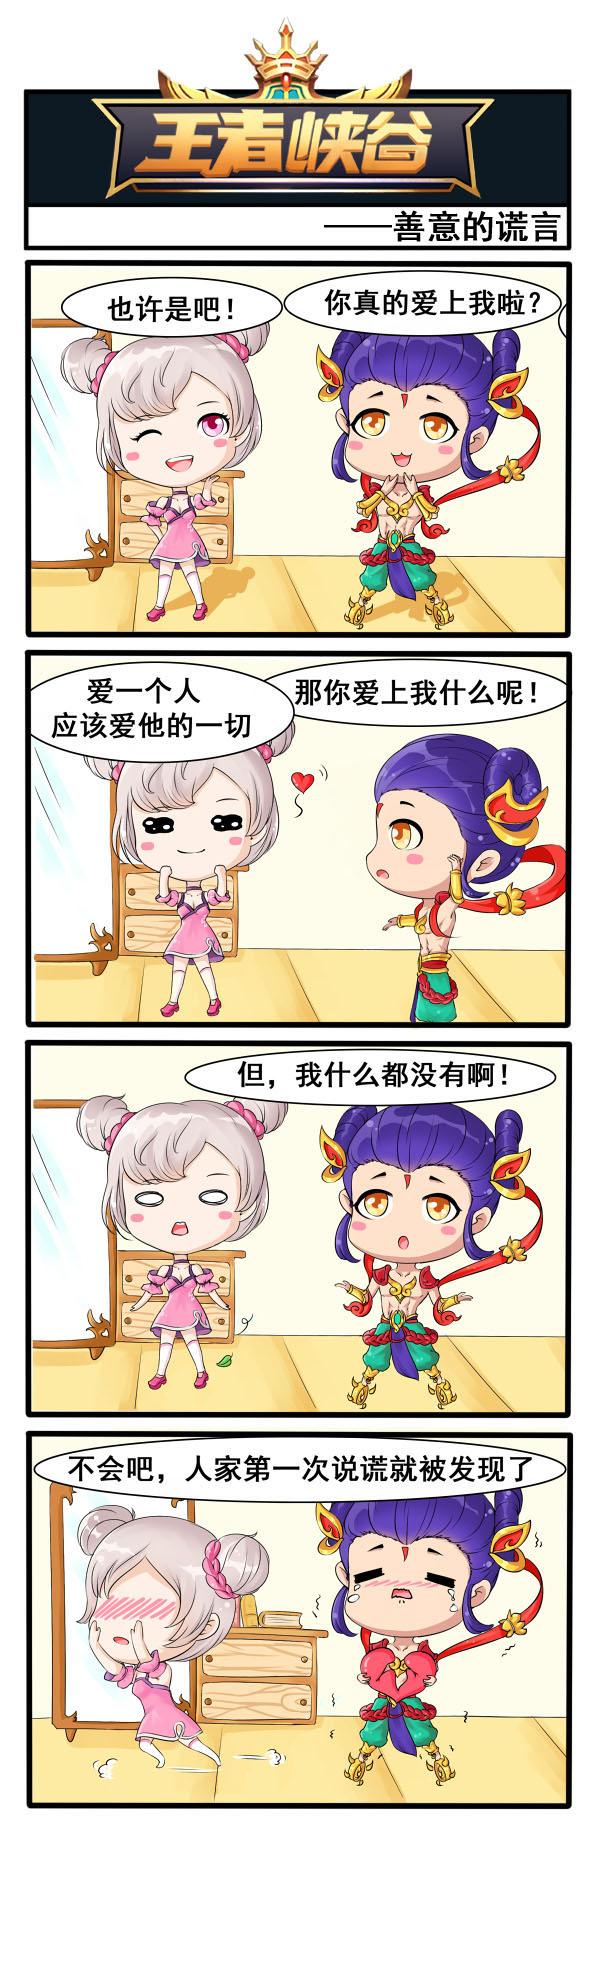 善意的谎言的好处_王者峡谷漫画:善意的谎言